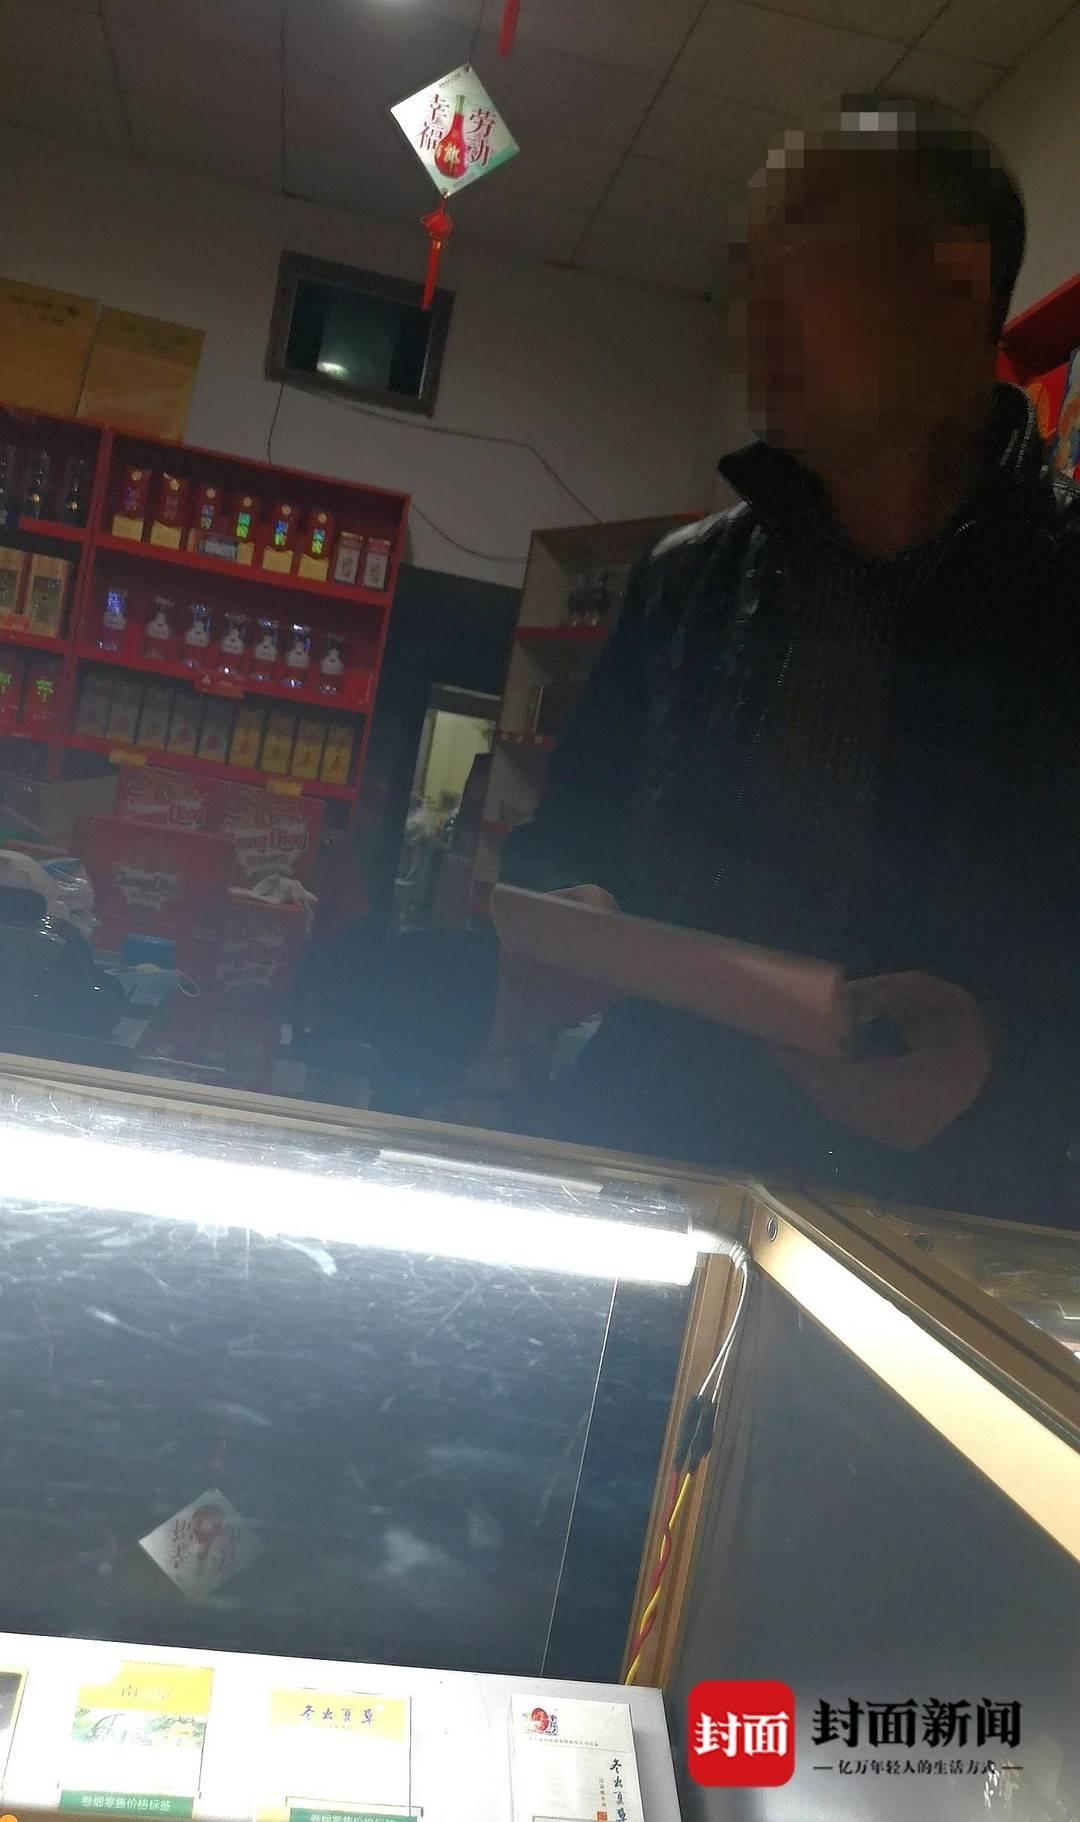 商家拿来登记本,记录购买打火机的顾客的信息。